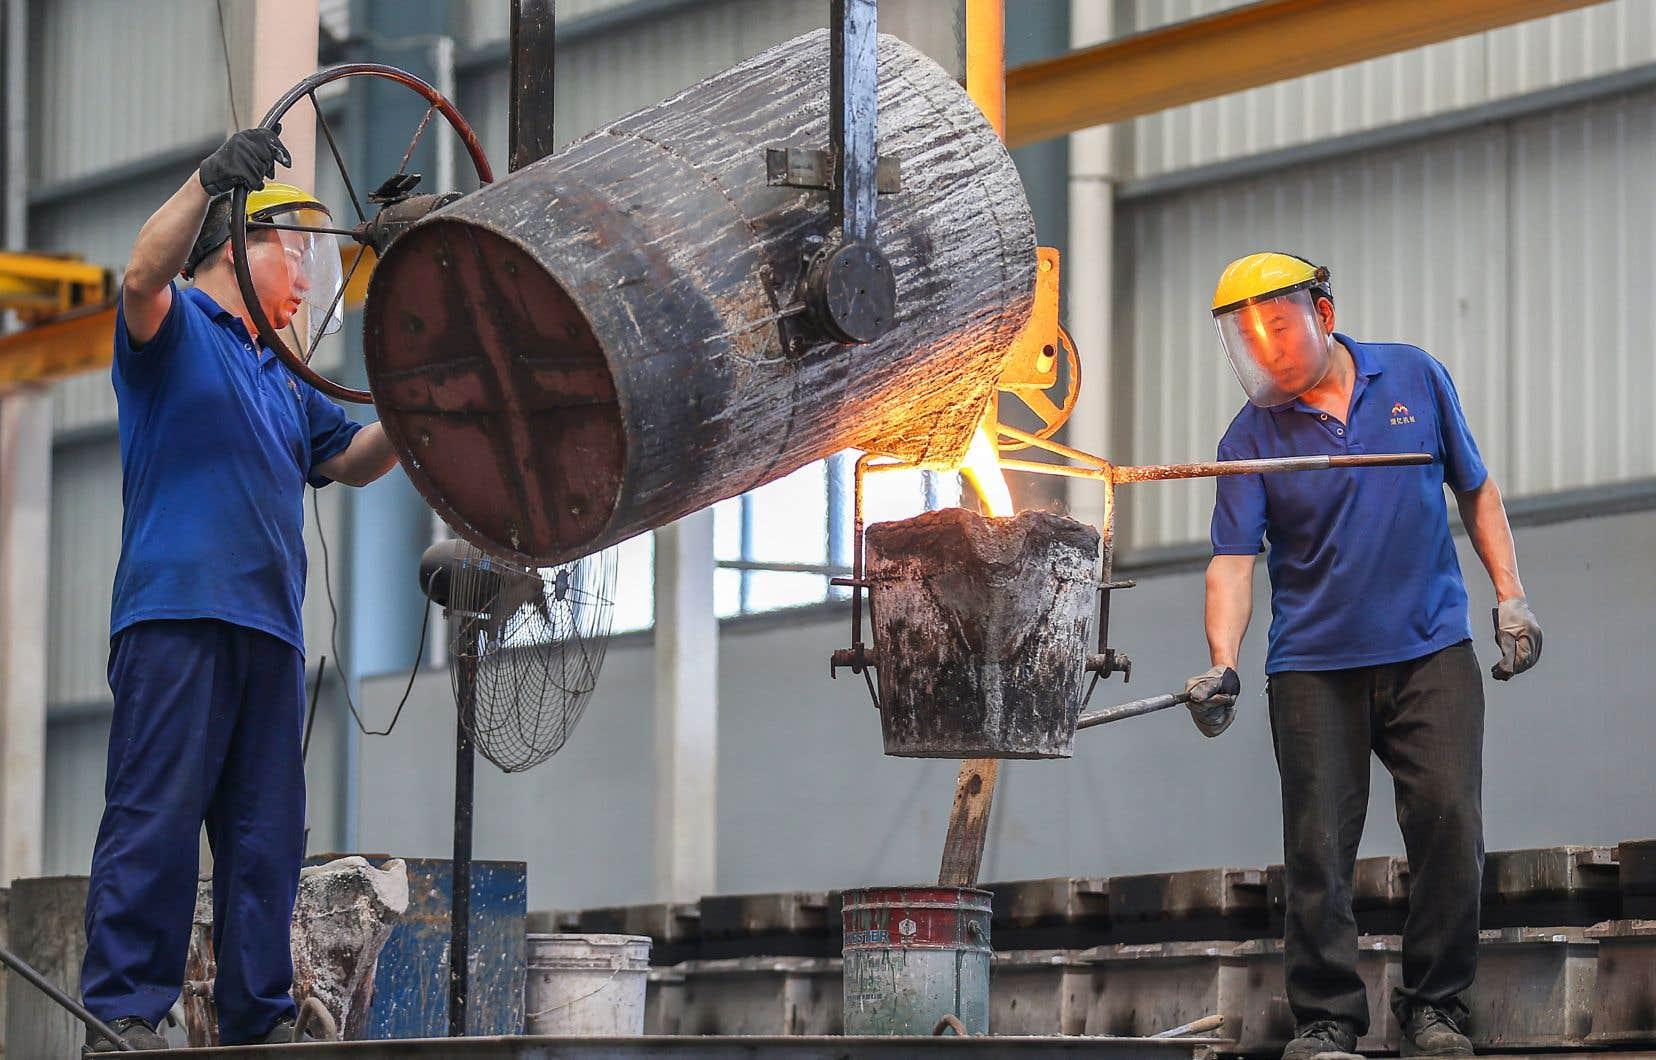 Si la croissance annuelle de la Chine ralentissait jusqu'à 4,5% d'ici la fin de la prochaine décennie, les prix mondiaux des métaux chuteraient de 40% à 60%.